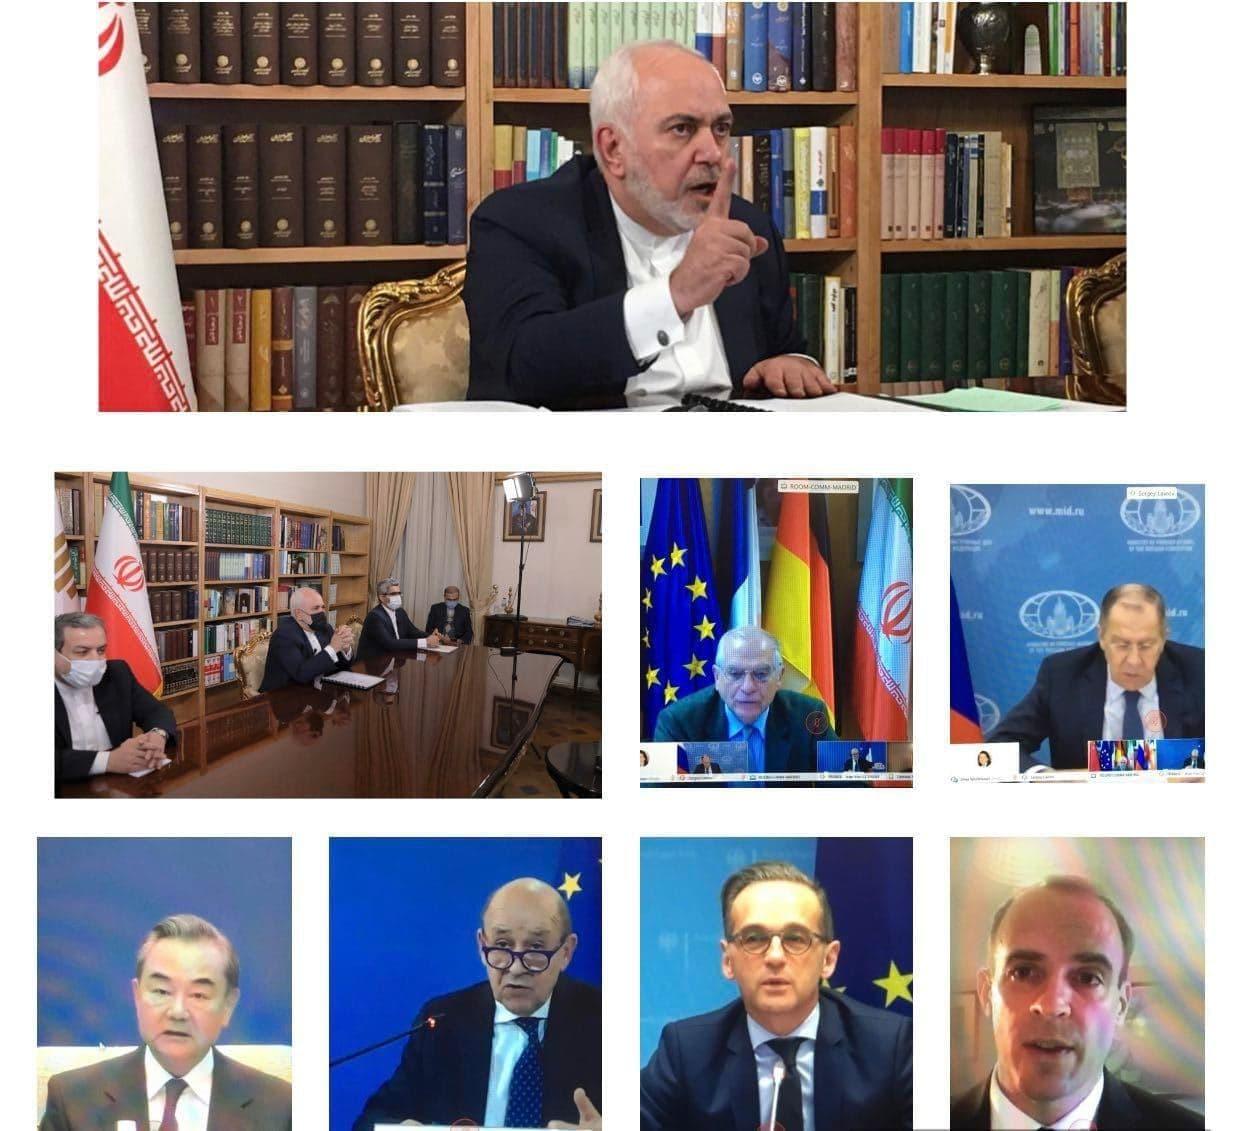 بیانیه مشترک وزیران خارجه ایران و ۱+۴ درباره برجام